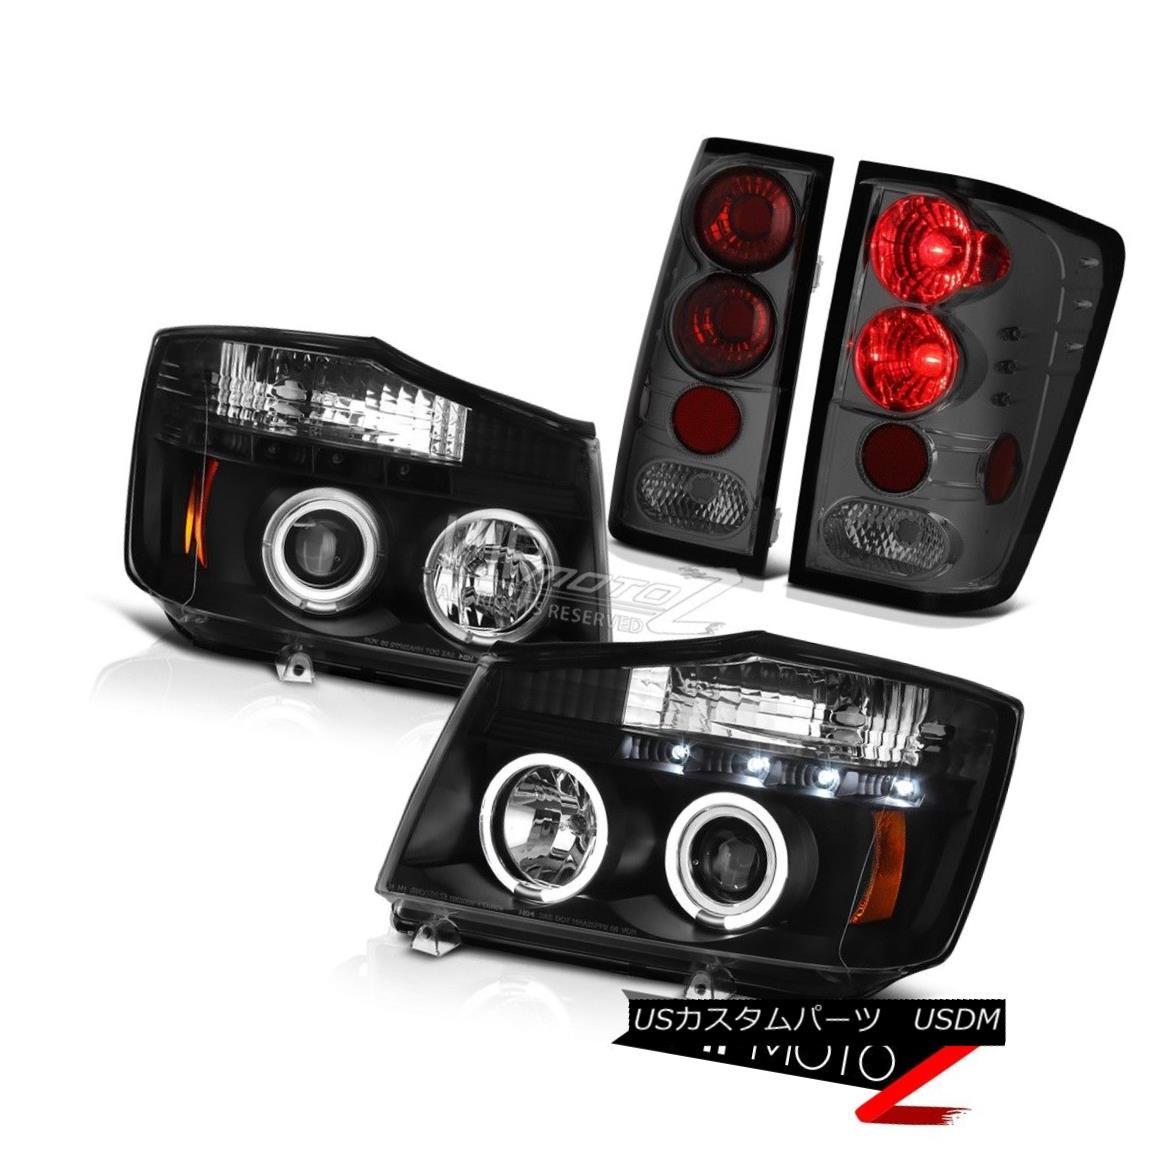 ヘッドライト For 2004-2015 Titan SE Black L.E.D Angel Eye Headlights Signal Tail Lights Smoke 2004年?2015年Titan SE Black L.E.Dエンジェルアイヘッドライトシグナルテールライトスモーク